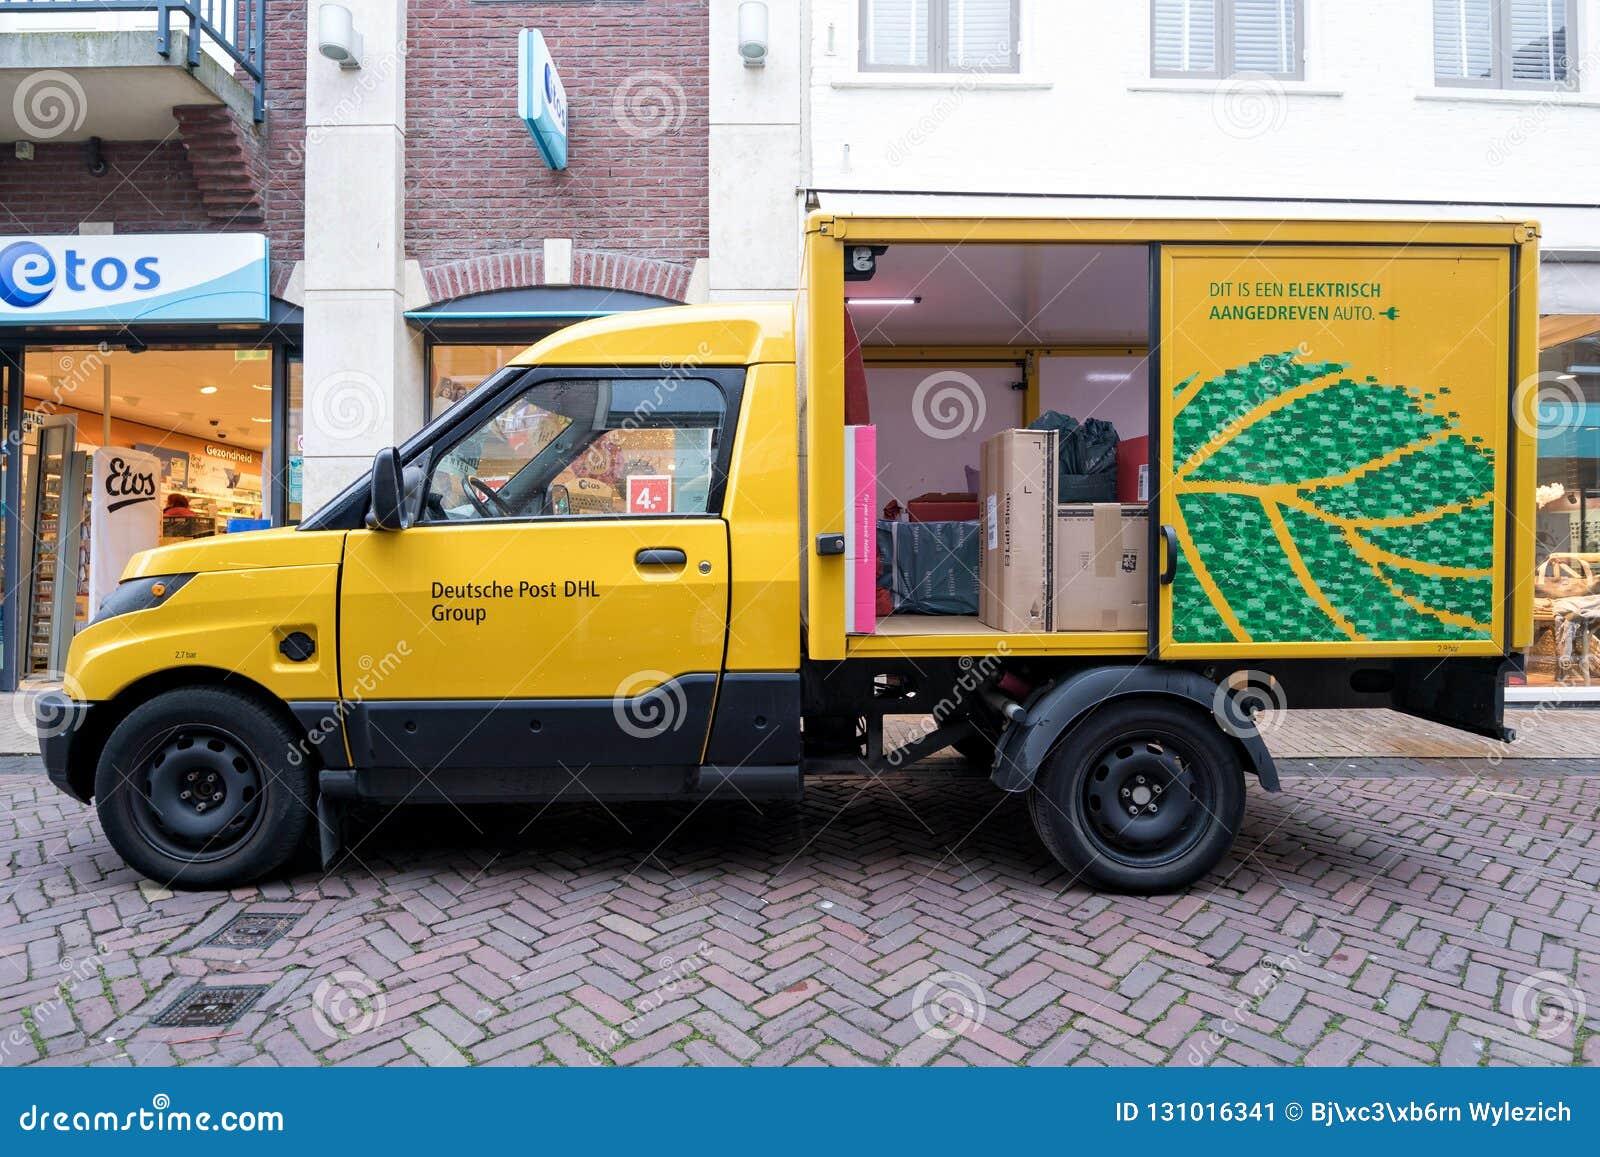 Streetscooter Arbeit Von Deutsche Post Dhl Redaktionelles Foto